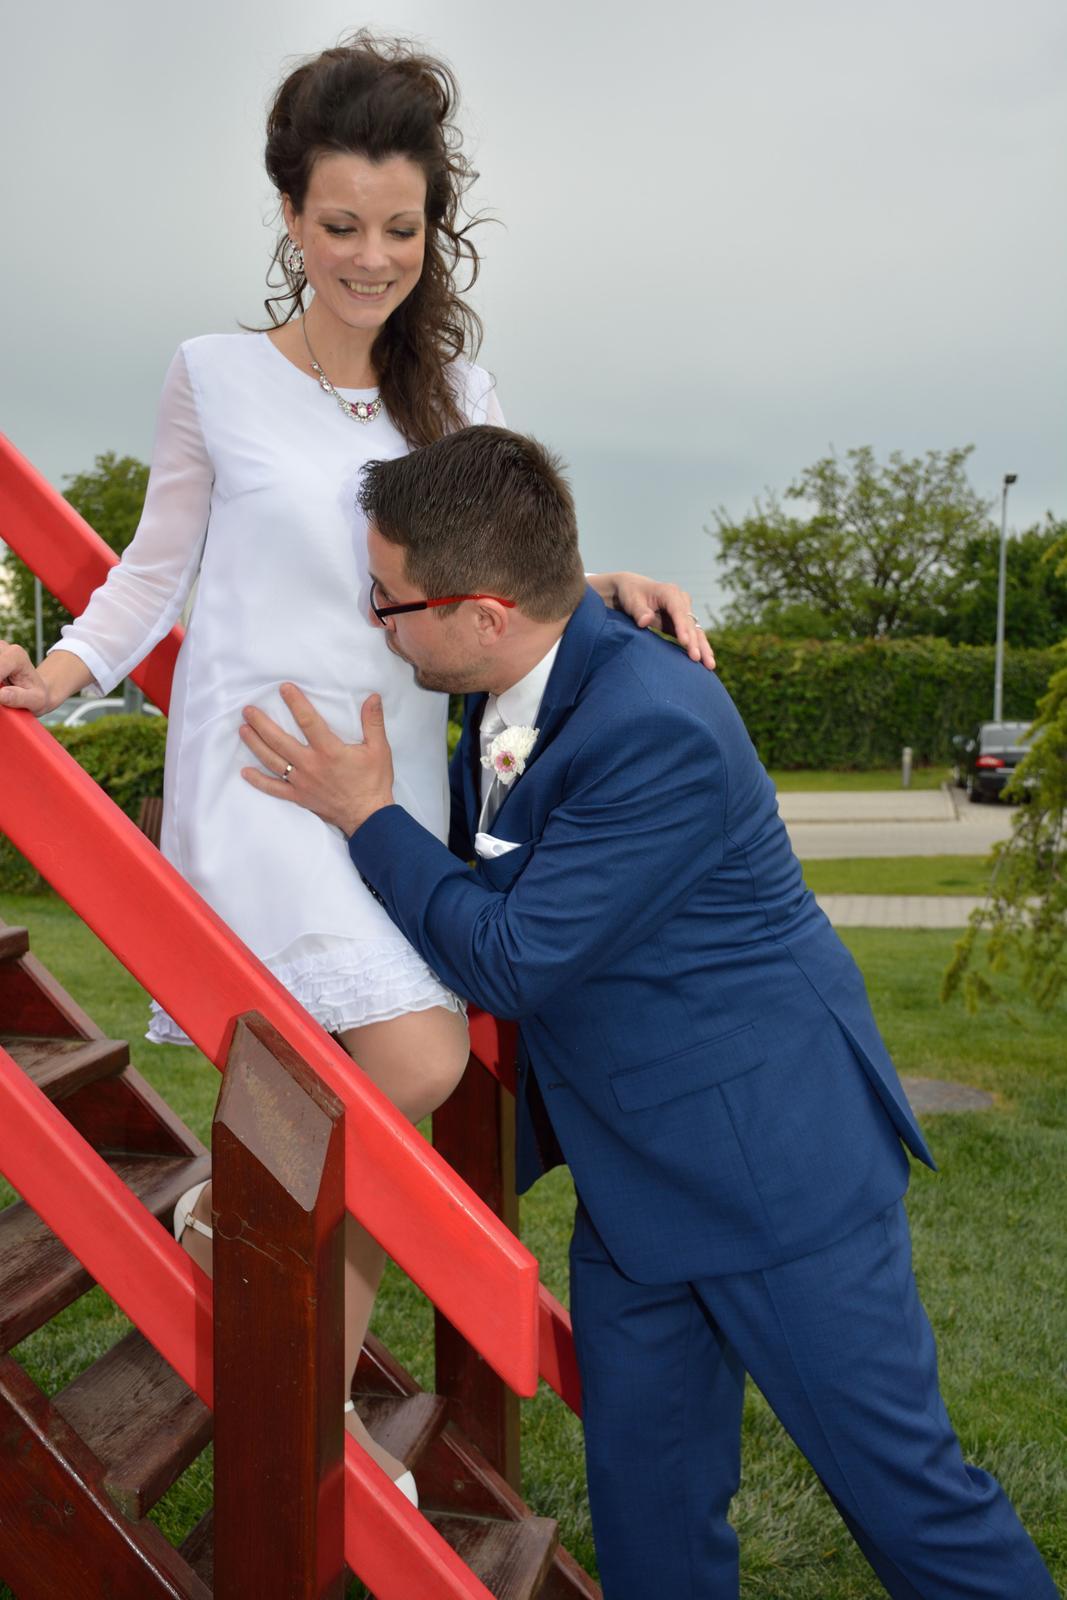 peter_a_lucia - Krátke svadobné šaty pre tehuľku